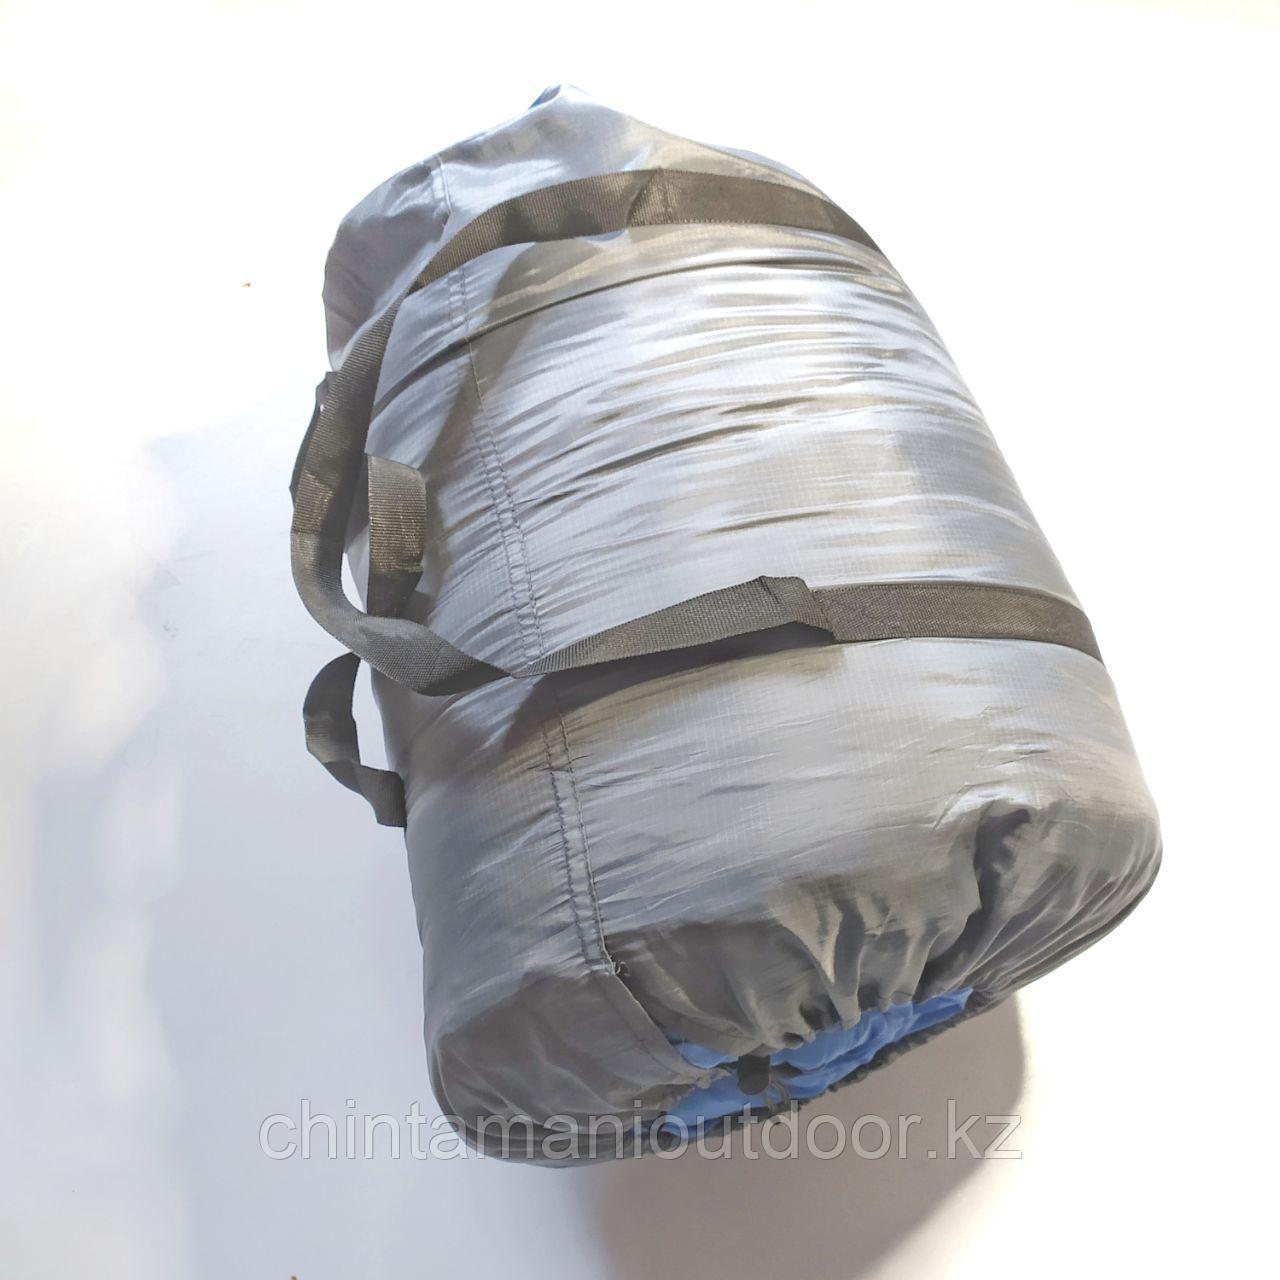 Спальный мешок зимний, шириной 1 м, качественный, новинка -25, -10, 0 - фото 3